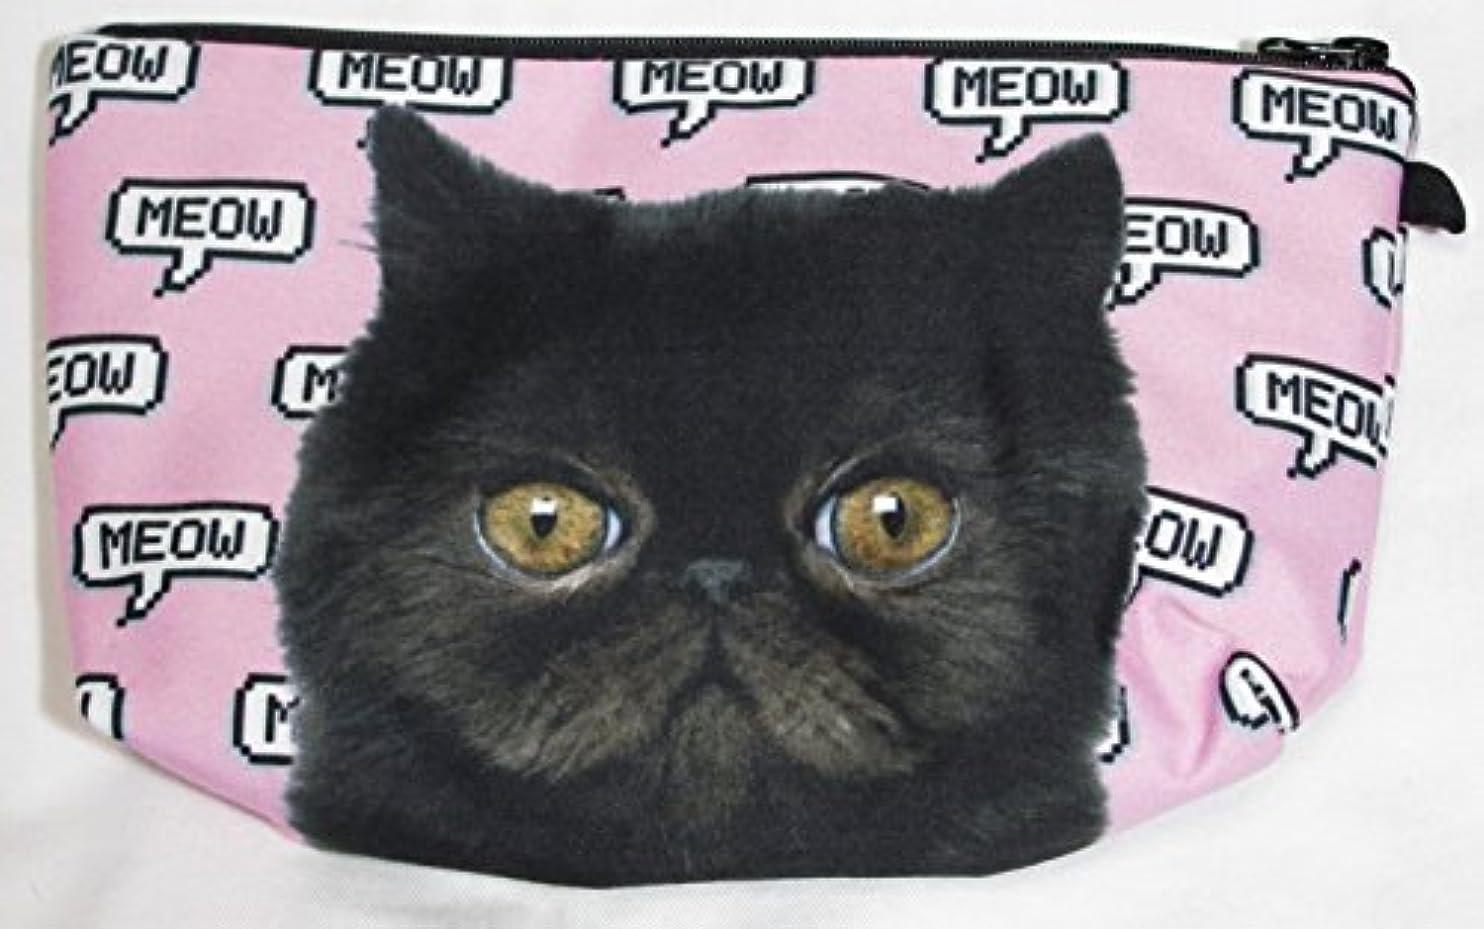 またはどちらかアーネストシャクルトン愛する【560kick】 黒猫 エキゾチック ショートヘア 柄 ポーチ メイクグッズ 収納 ぶさかわ